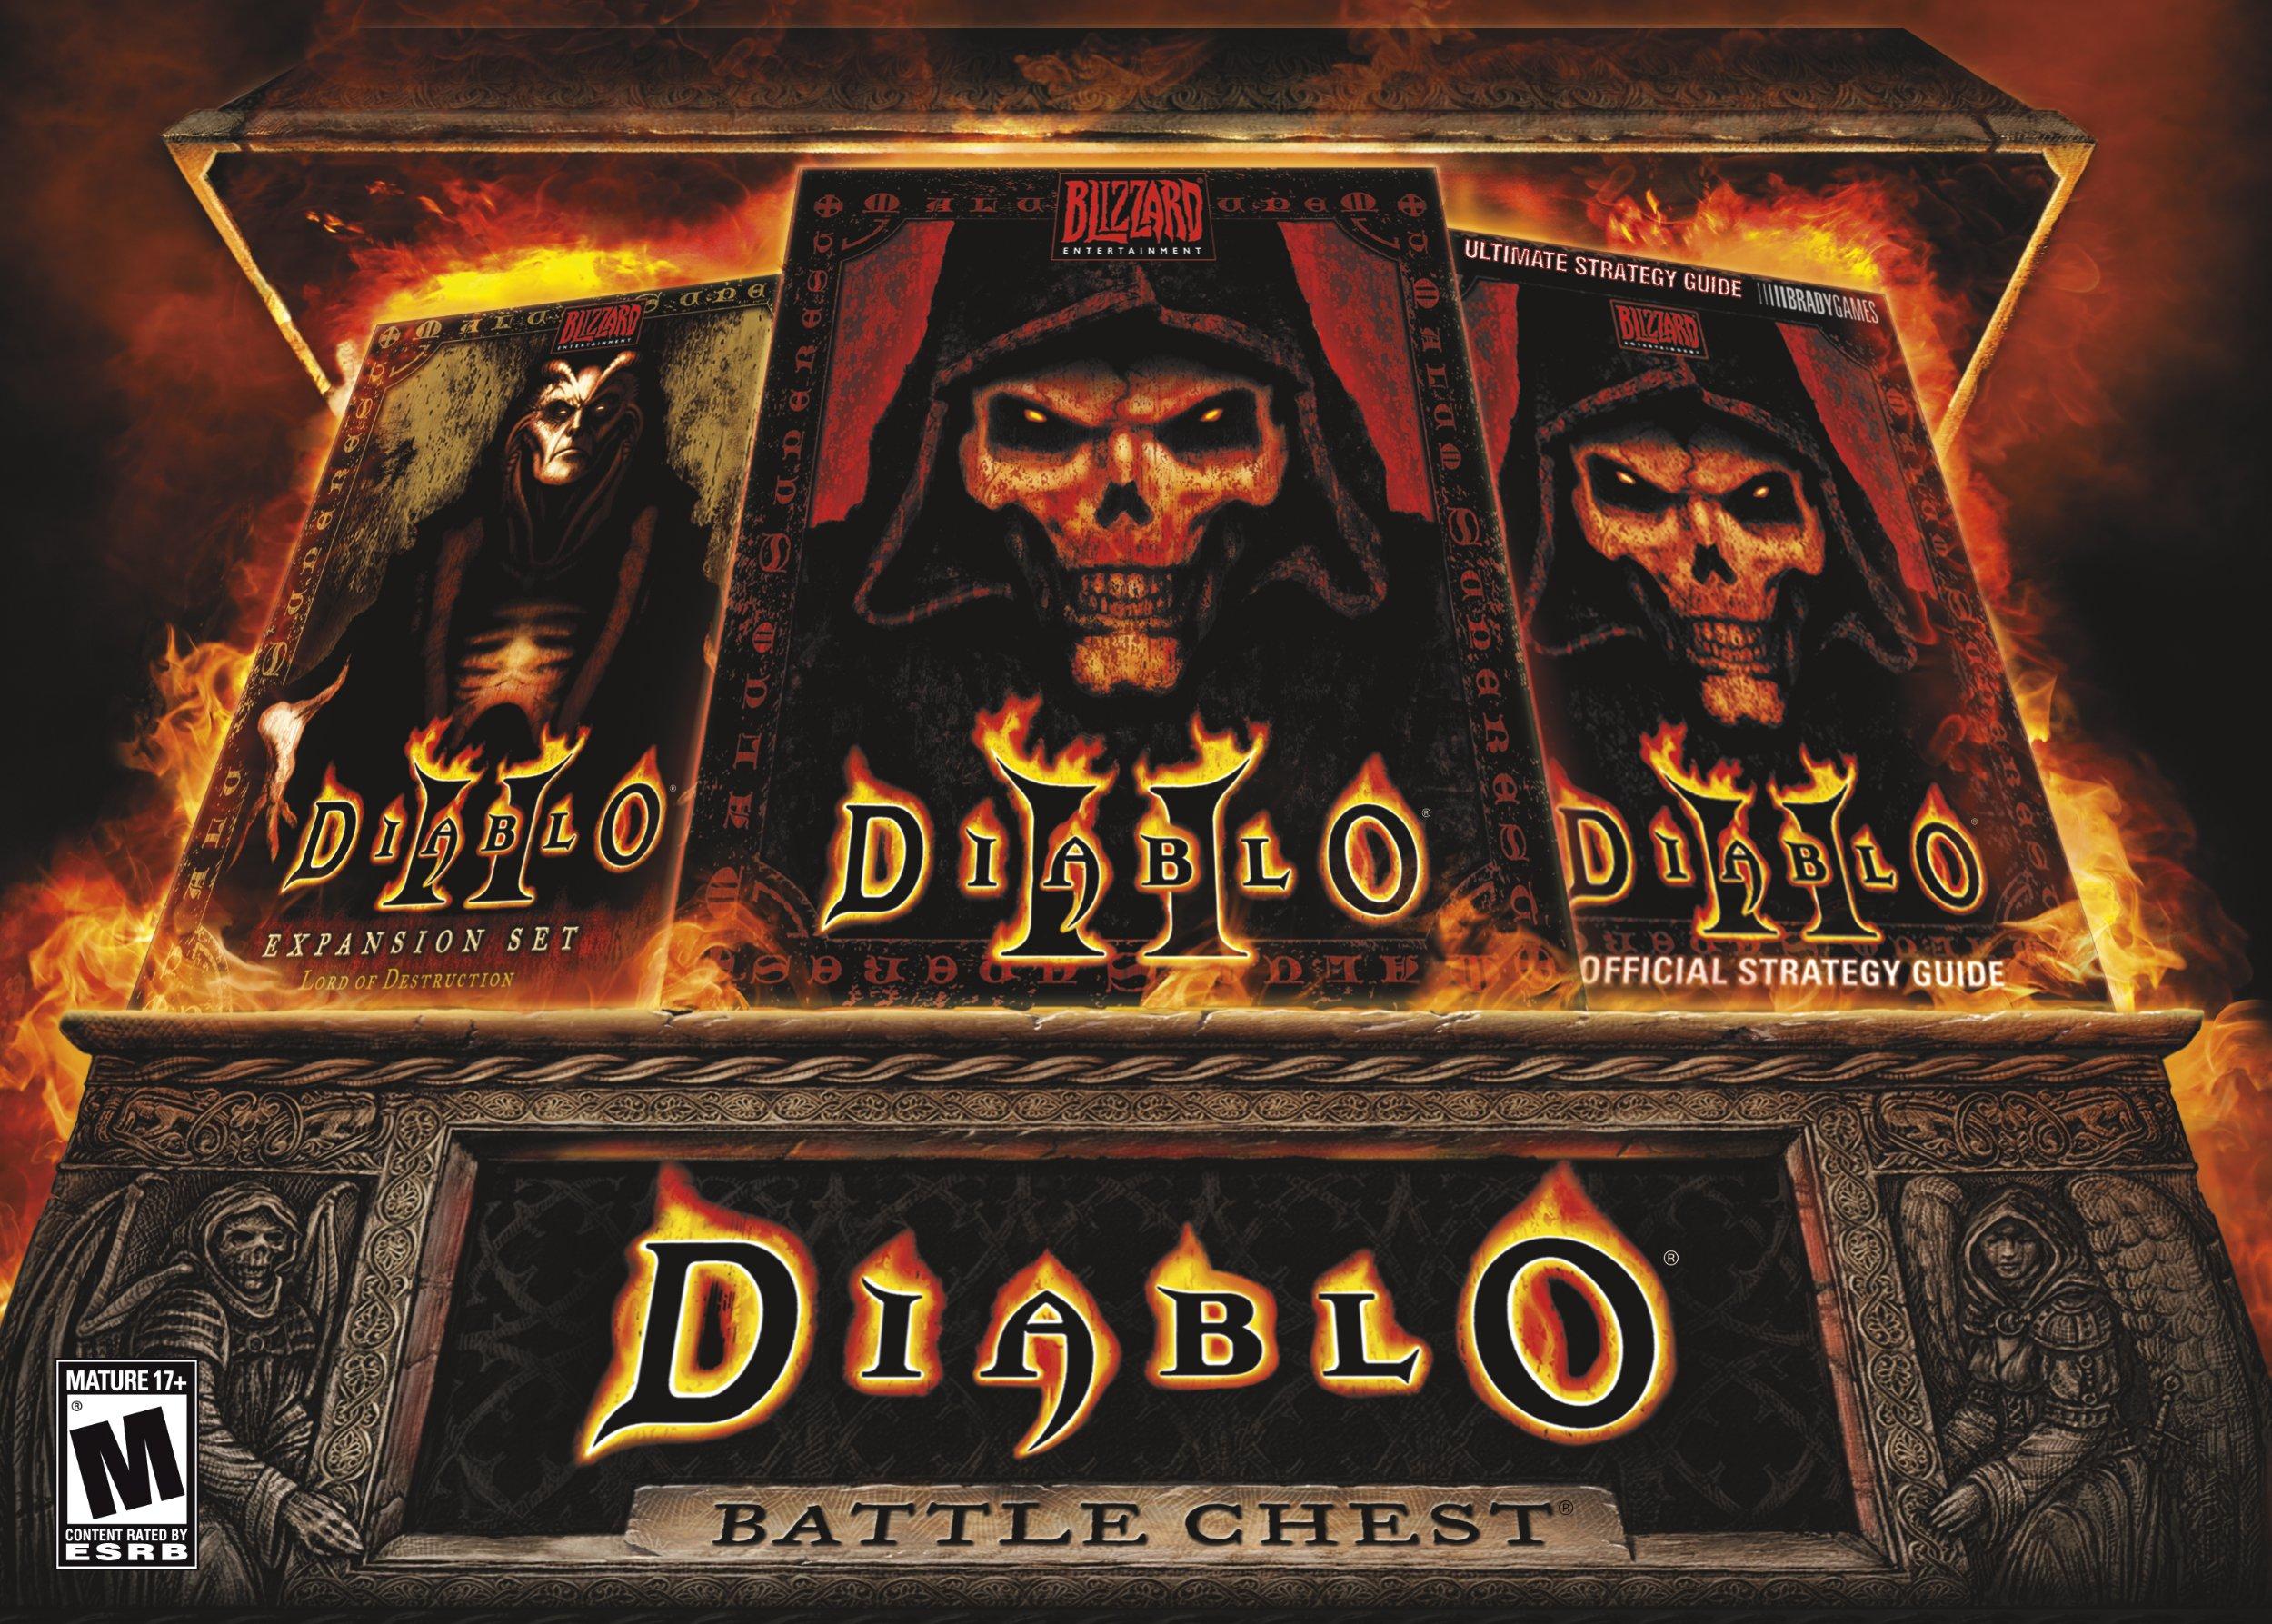 Diablo: Battle Chest by Blizzard Entertainment